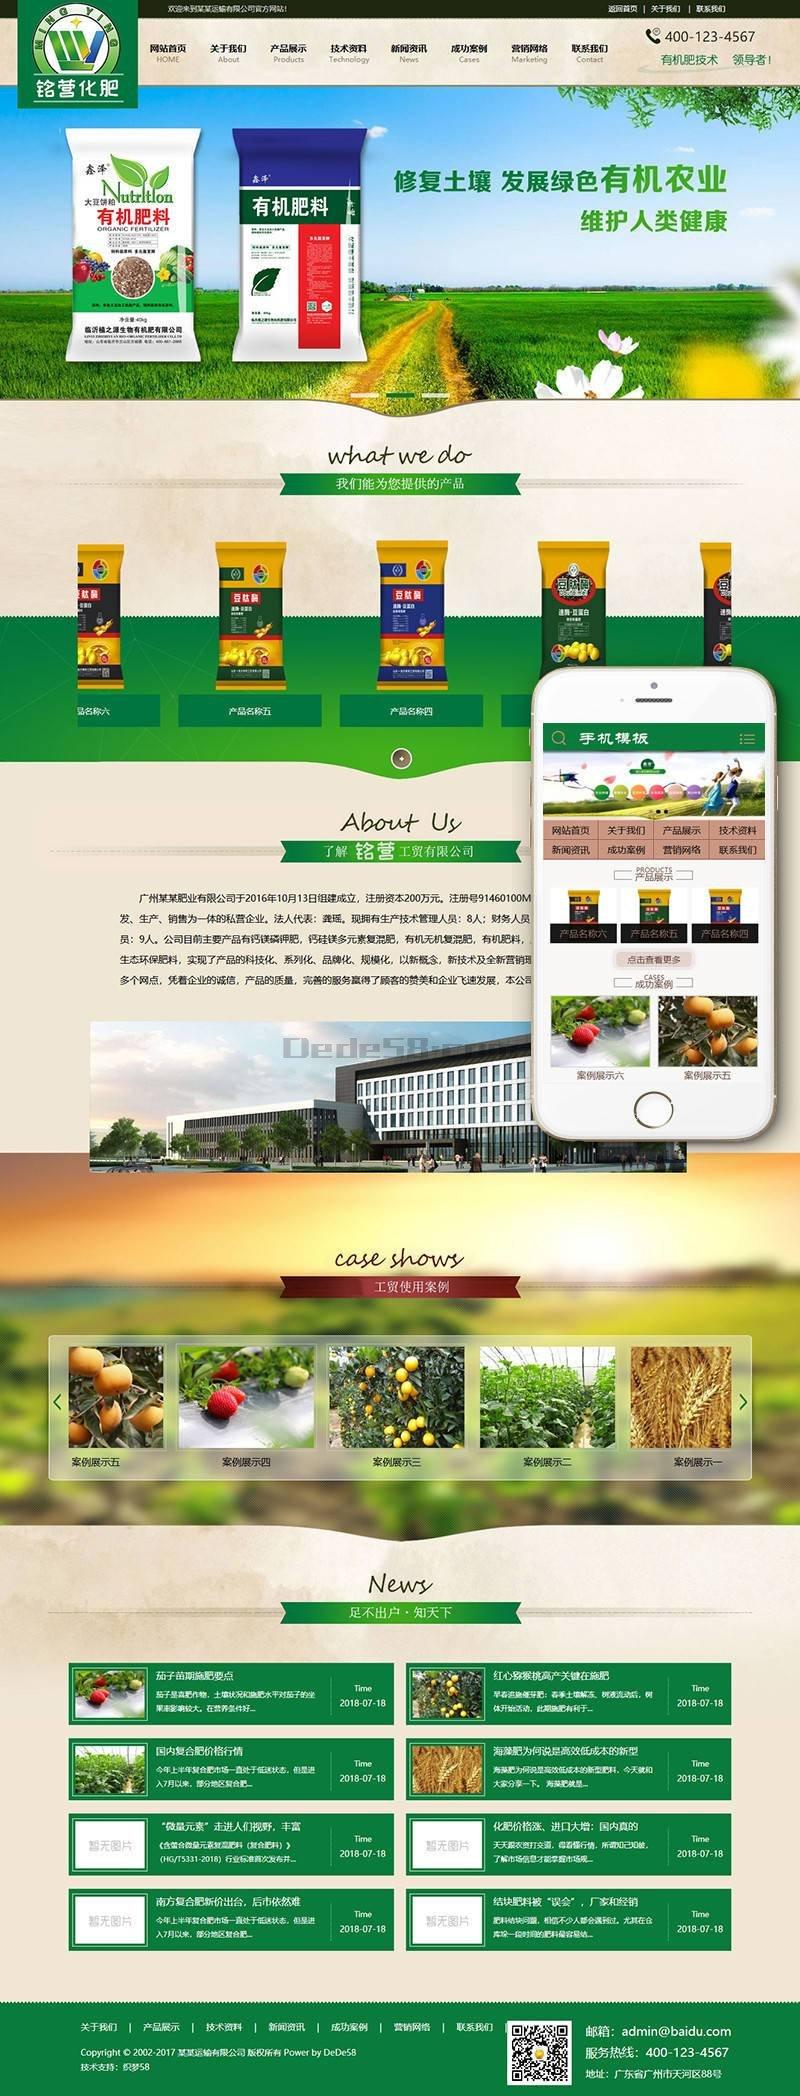 【长沙SEO网站建设】微生物肥料化肥_农业化肥网案例